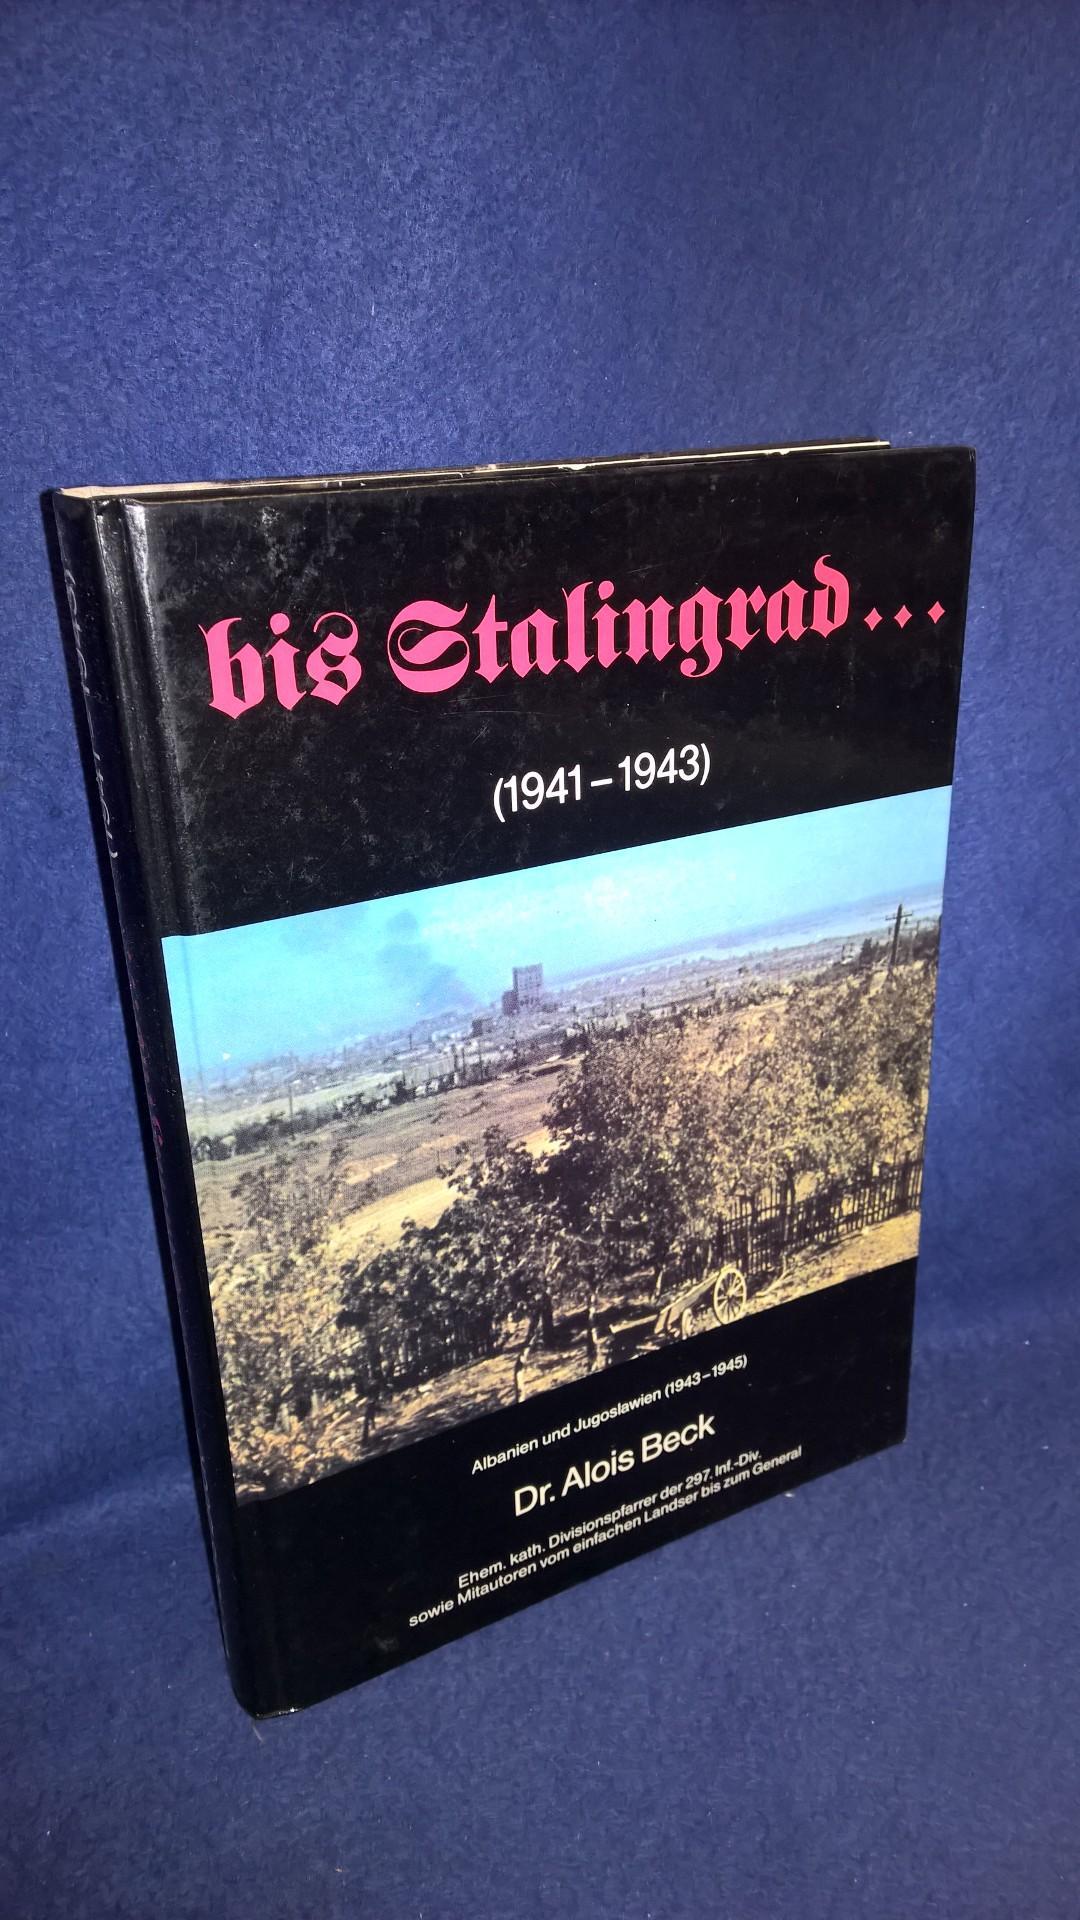 bis Stalingrad.(1941-1943), Albanien und Jugoslawien (1943-1945). 297. Infanterie-Division.